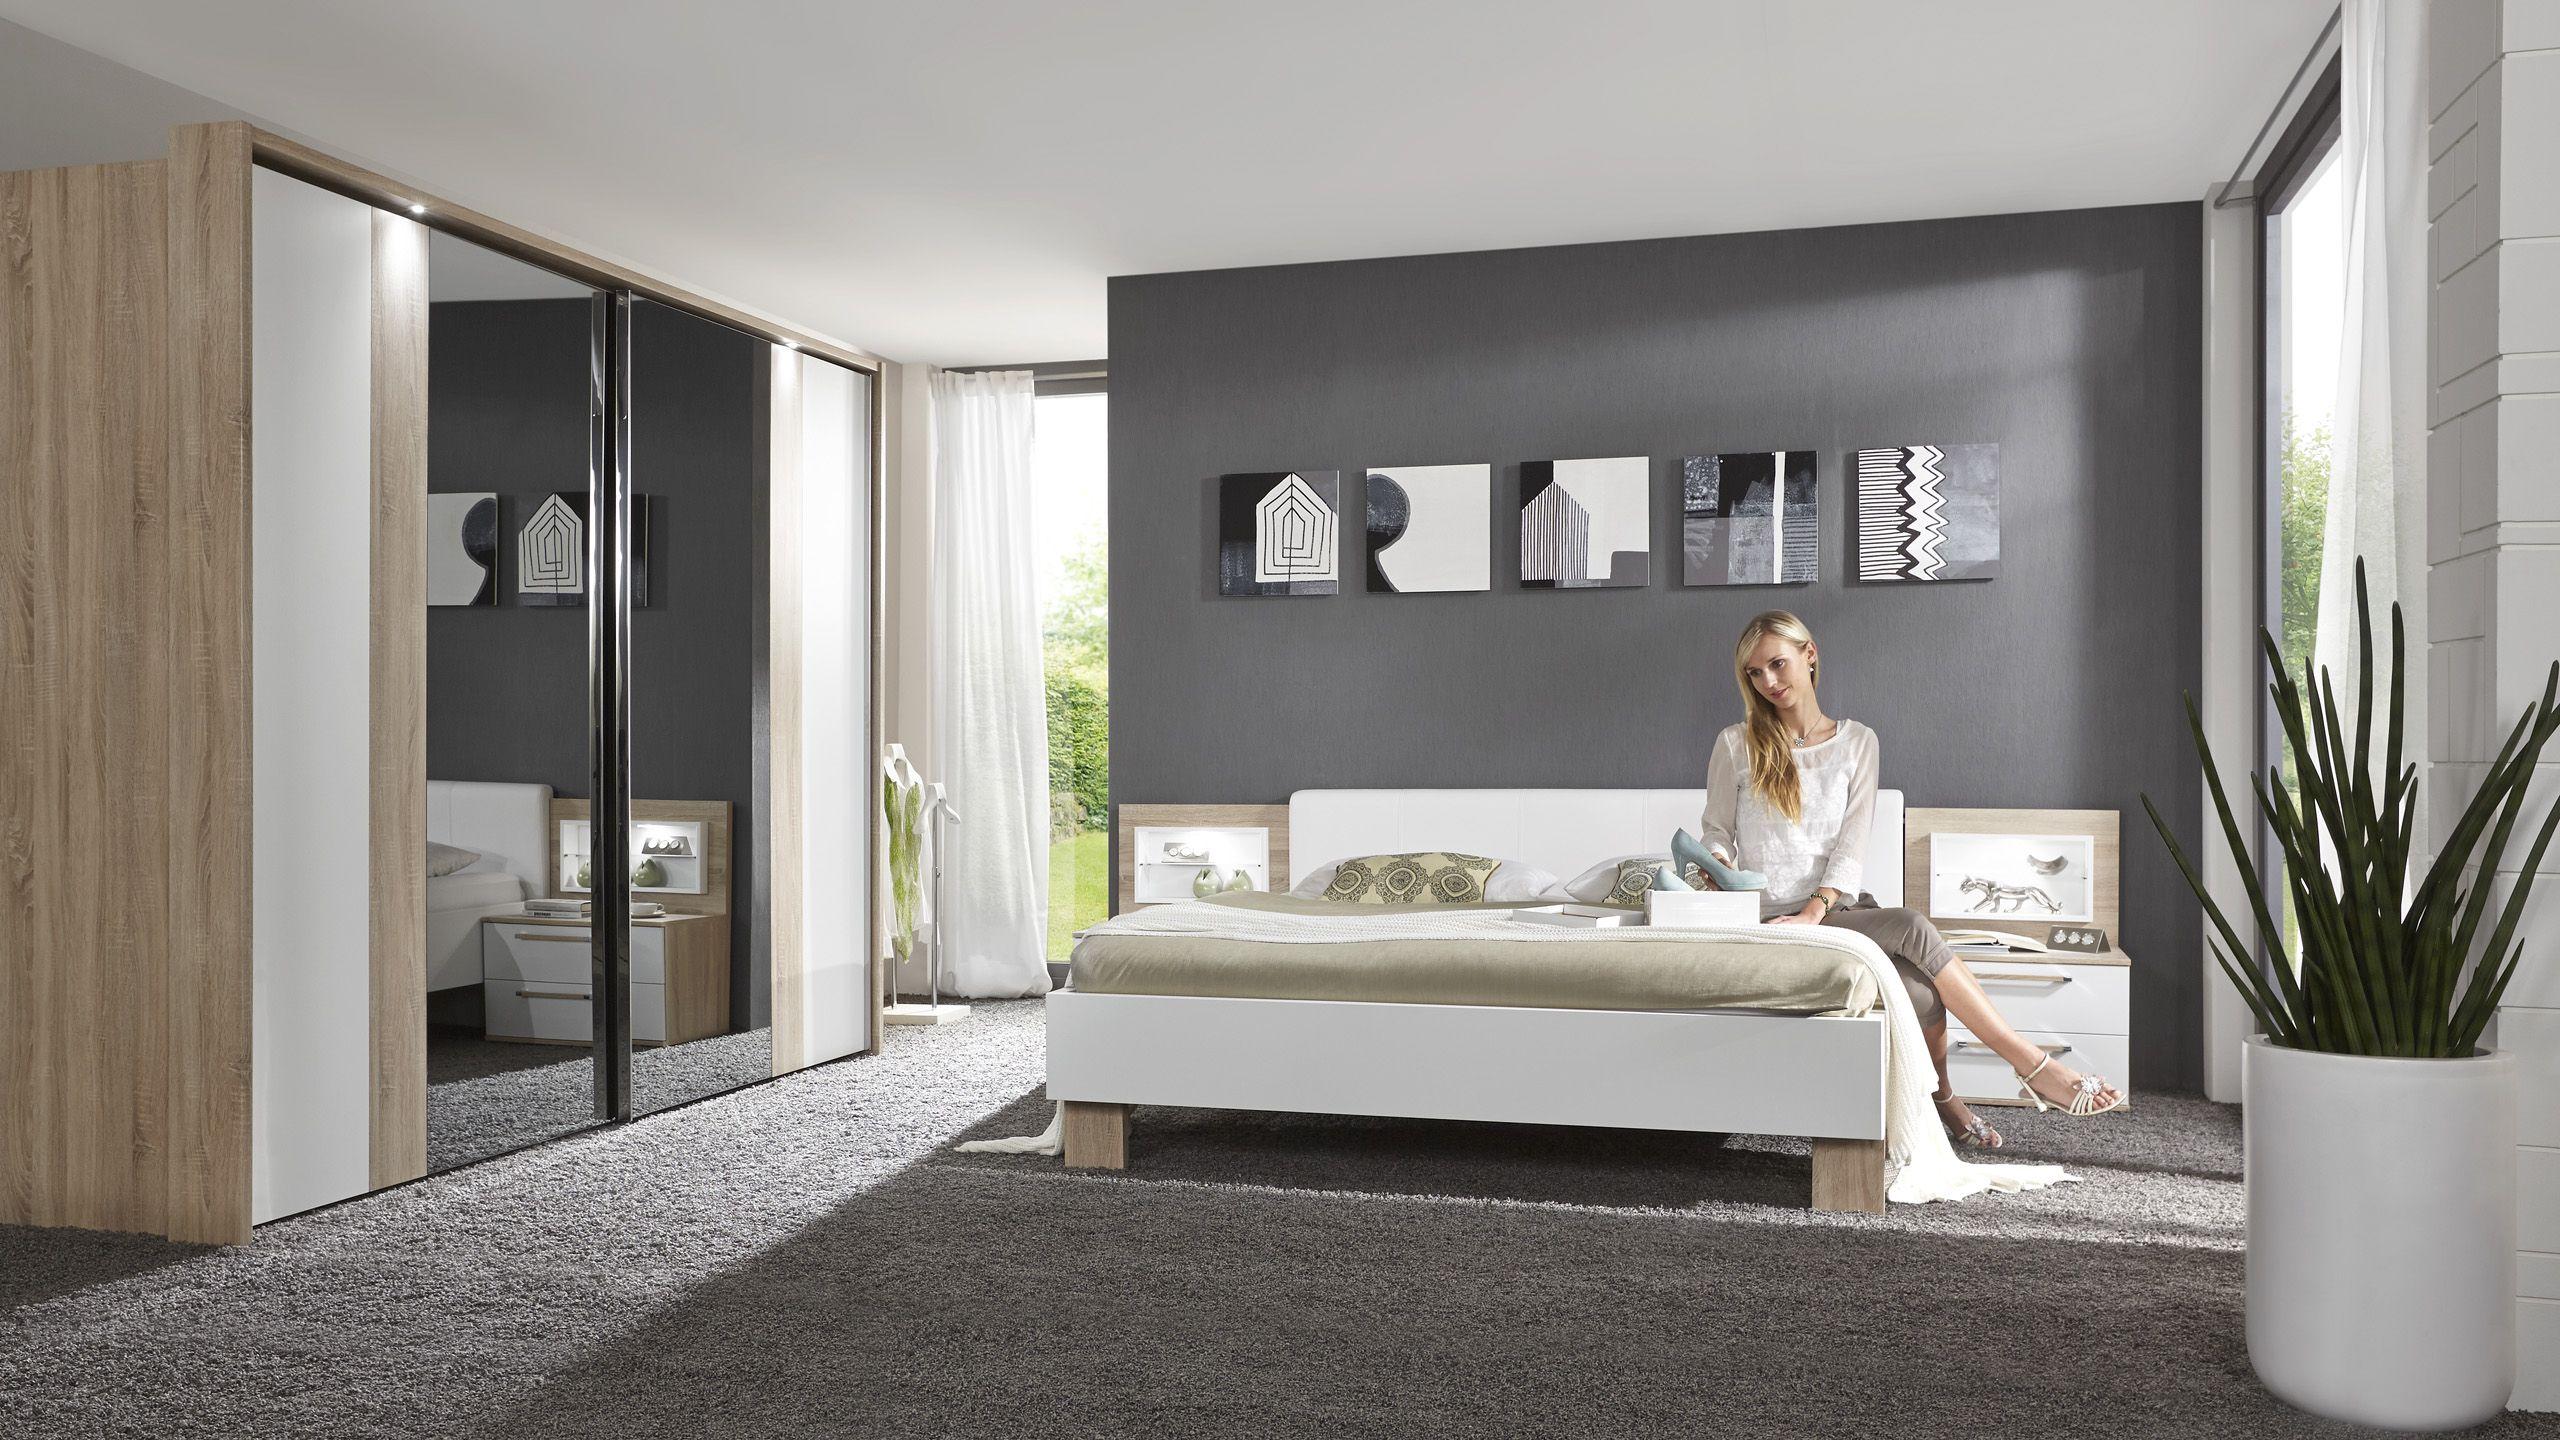 schlafzimmer schranktüren neu gestalten | Wände streichen ideen ...